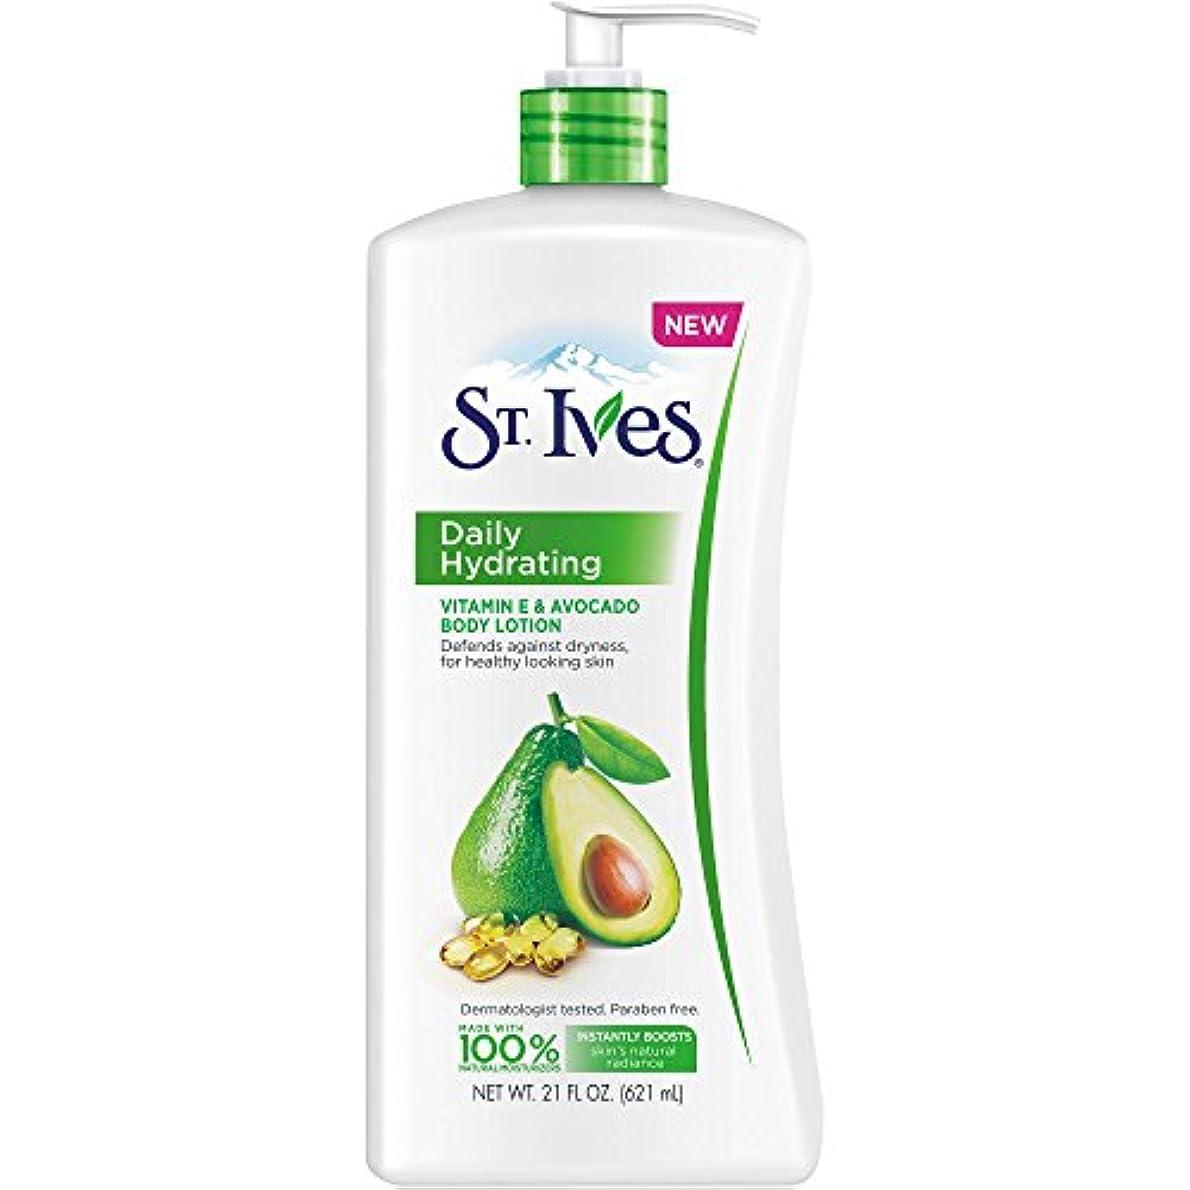 協力的怒りヨーグルトSt. Ives Daily Hydrating Vitamin E and Avocado Body Lotion [並行輸入品]